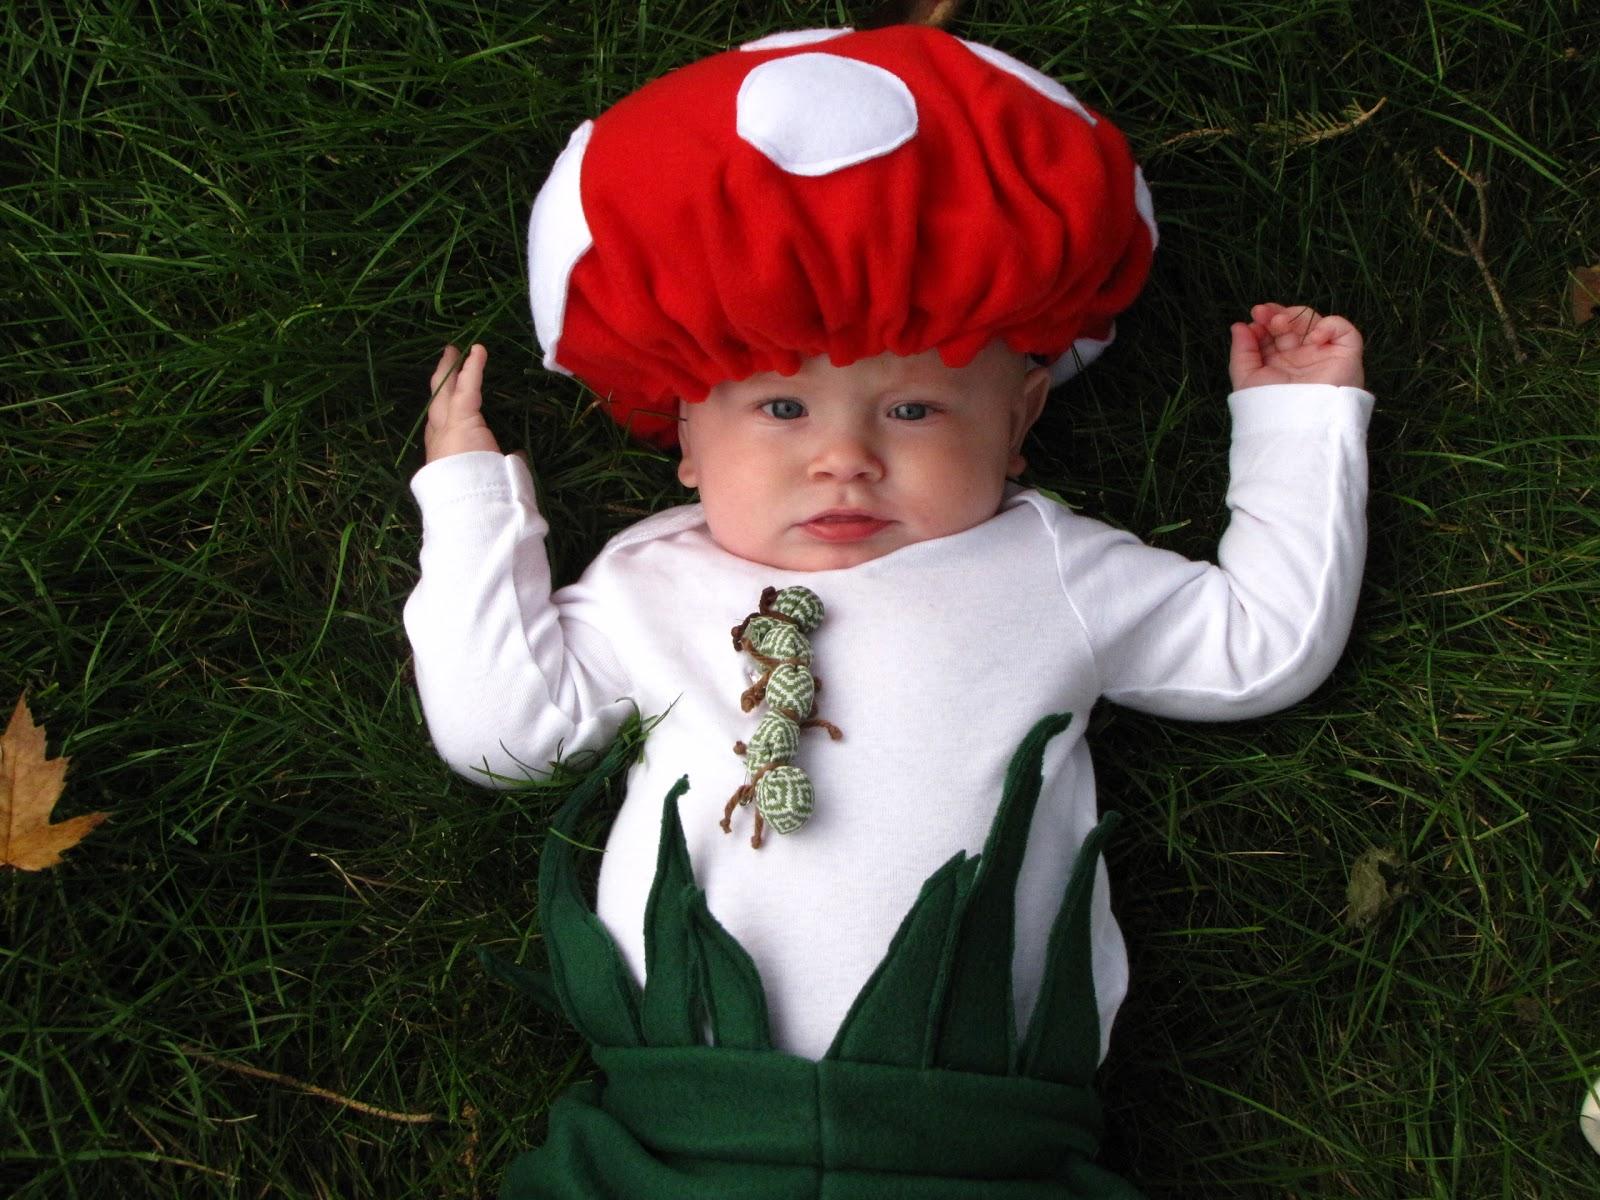 Wispy house diy baby mushroom halloween costume - Disfraces de halloween bebes ...